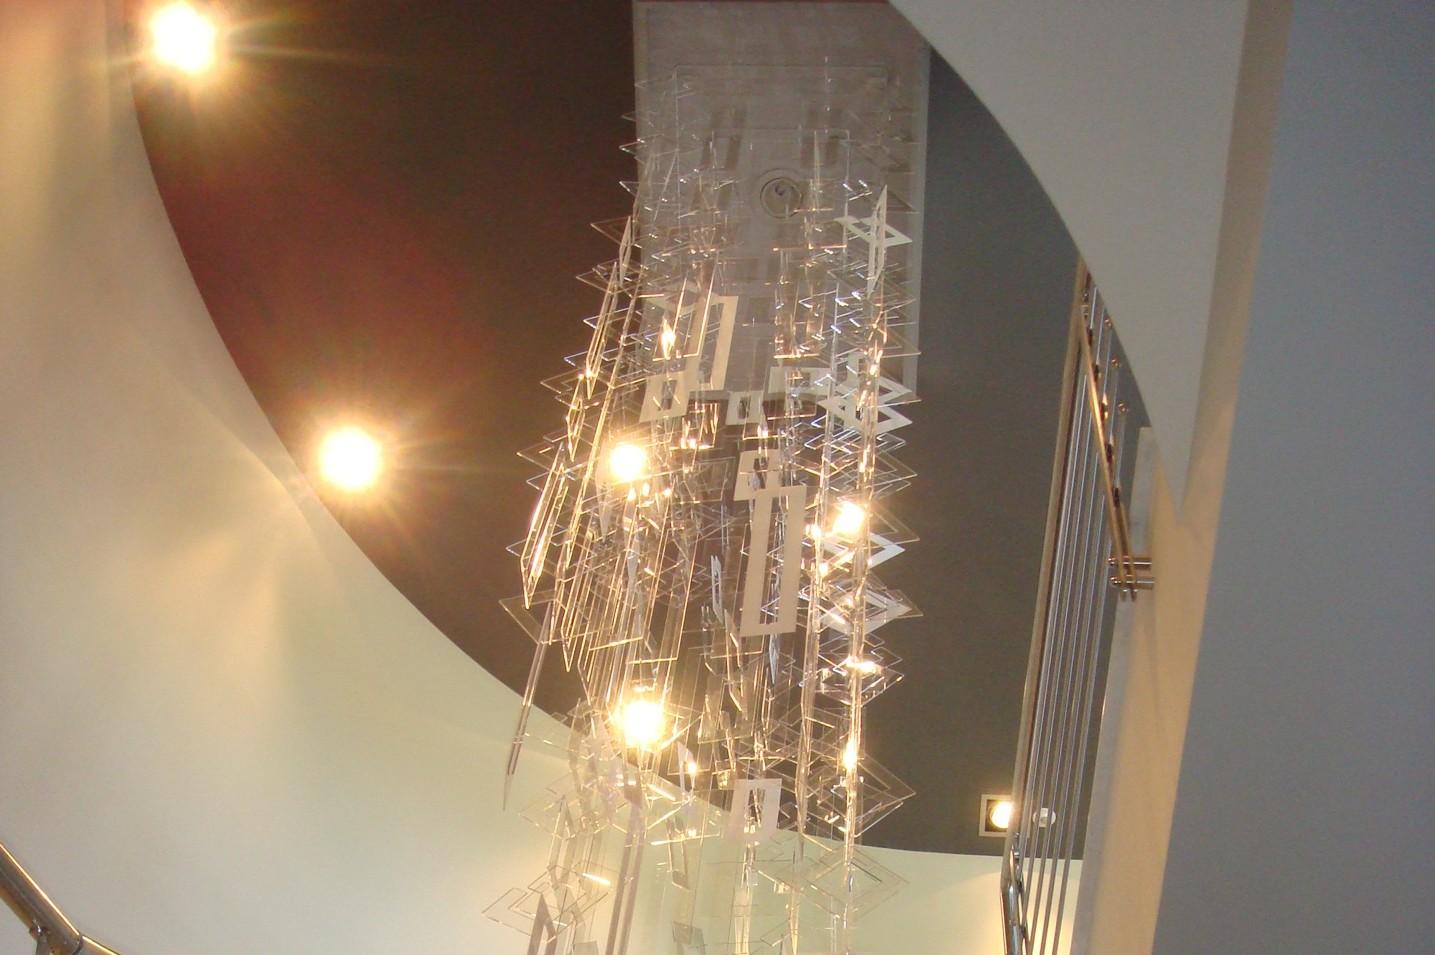 lampadari paderno dugnano : Produzione lampade e di complementi per illuminazione a led realizzate ...